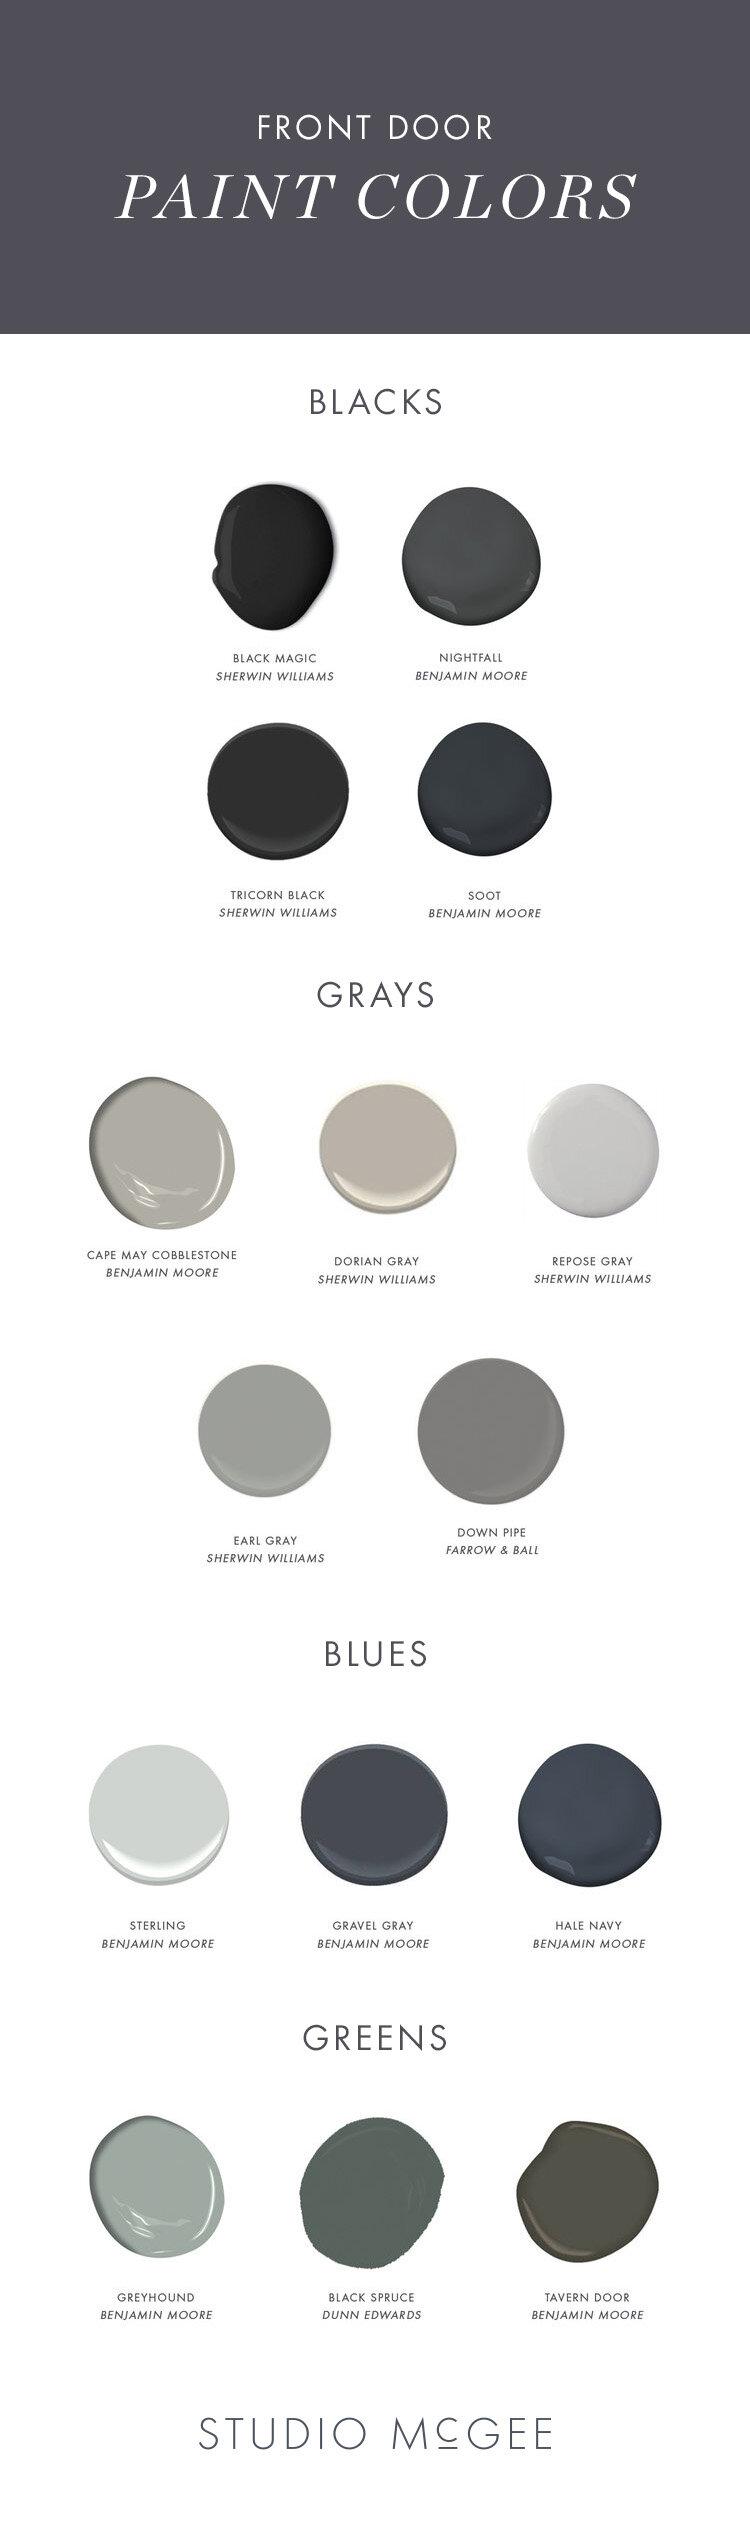 Soft Black Paint Color : black, paint, color, Black, Paint, Colors, Studio, McGee